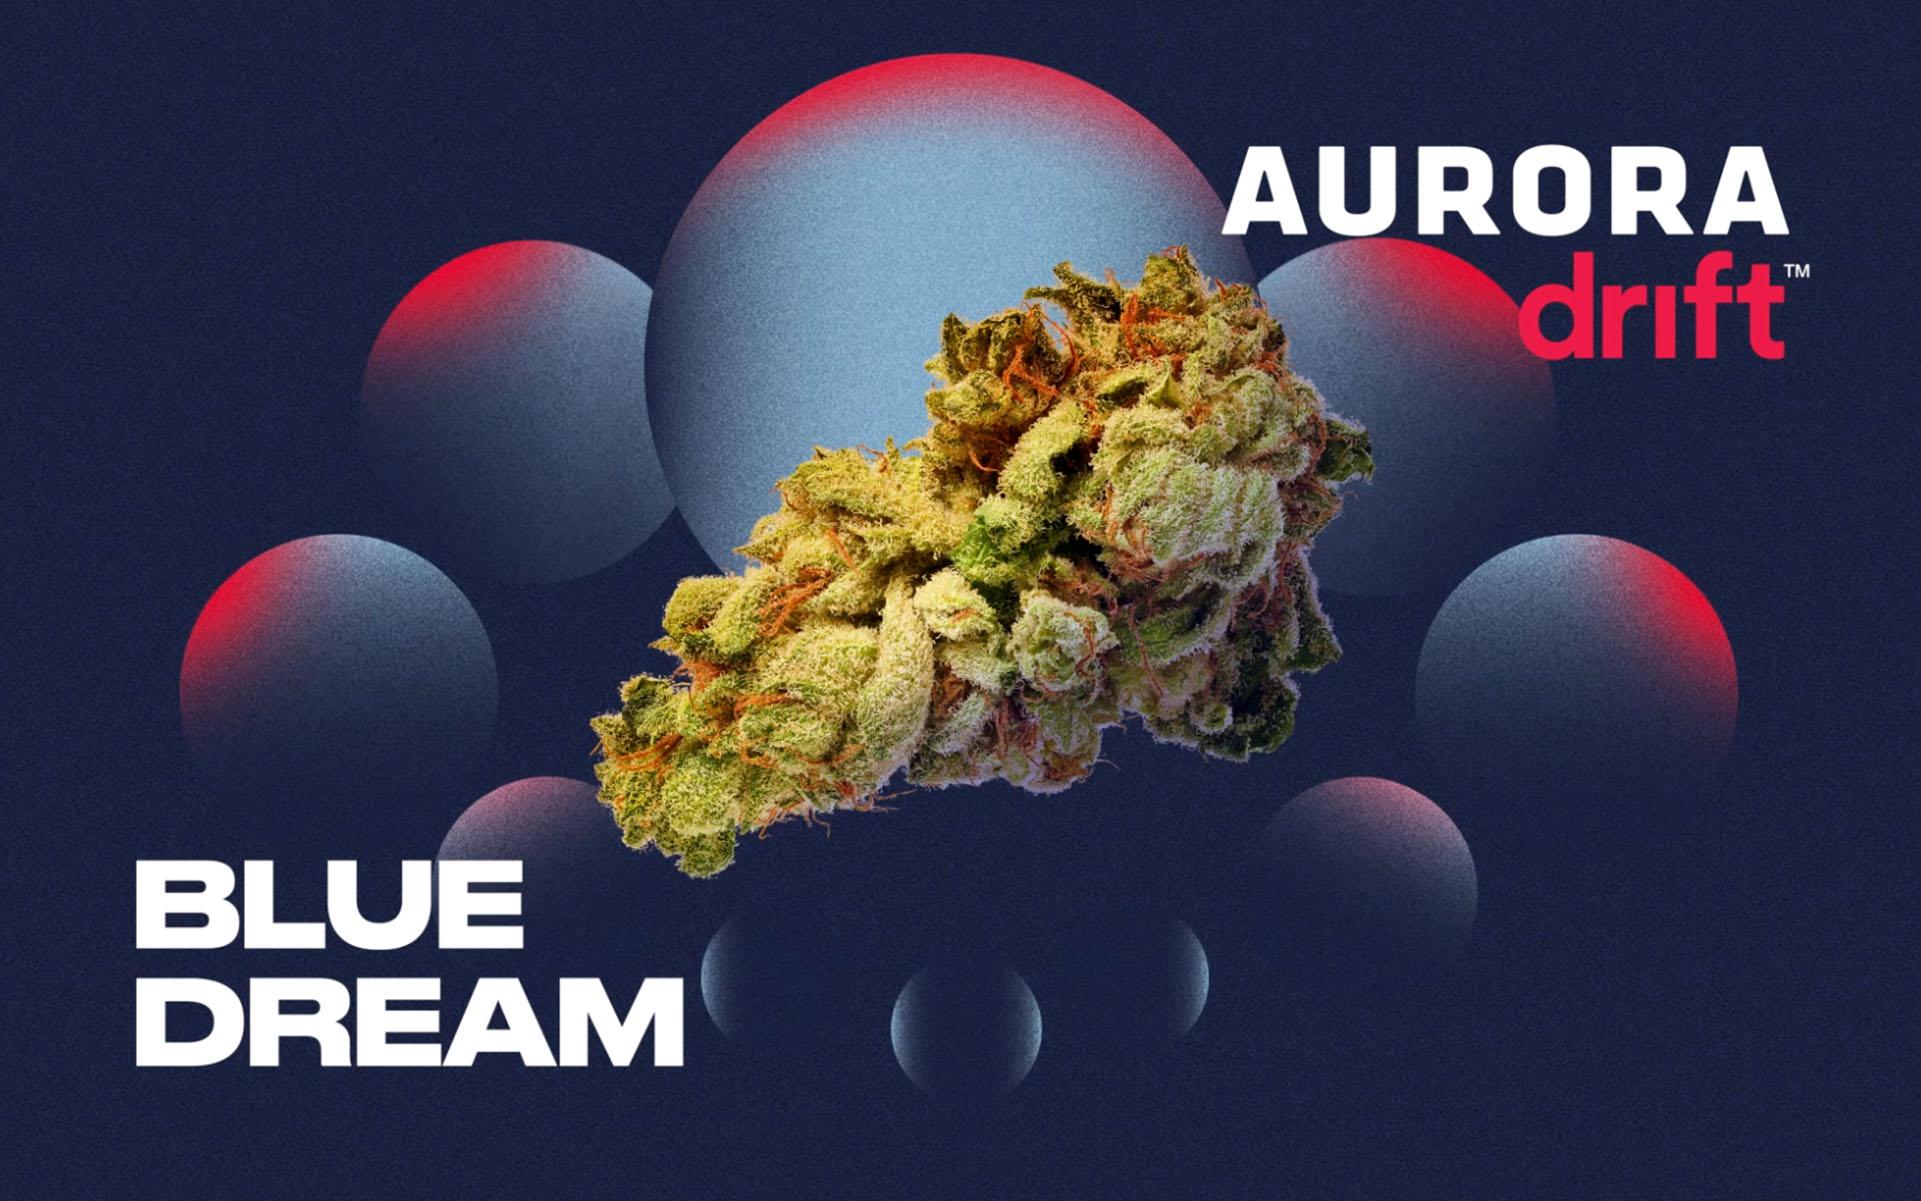 Blue Dream by Aurora